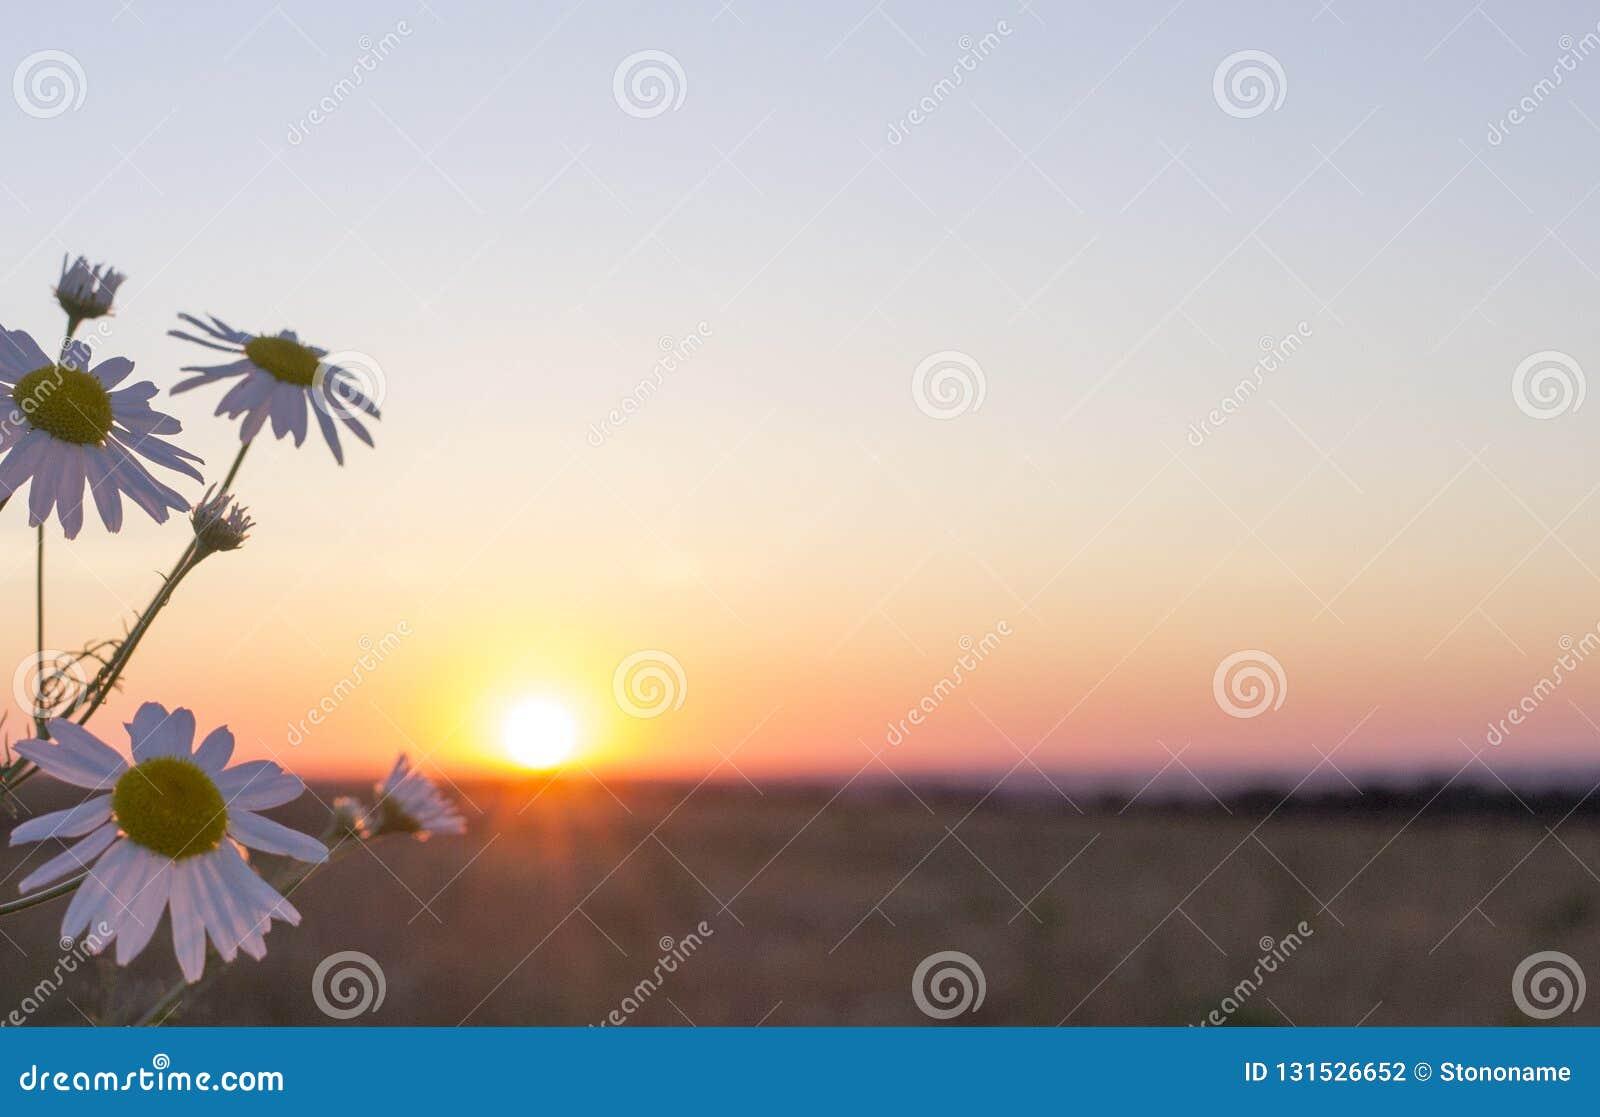 Solnedgång i fältet med blommor i förgrunden